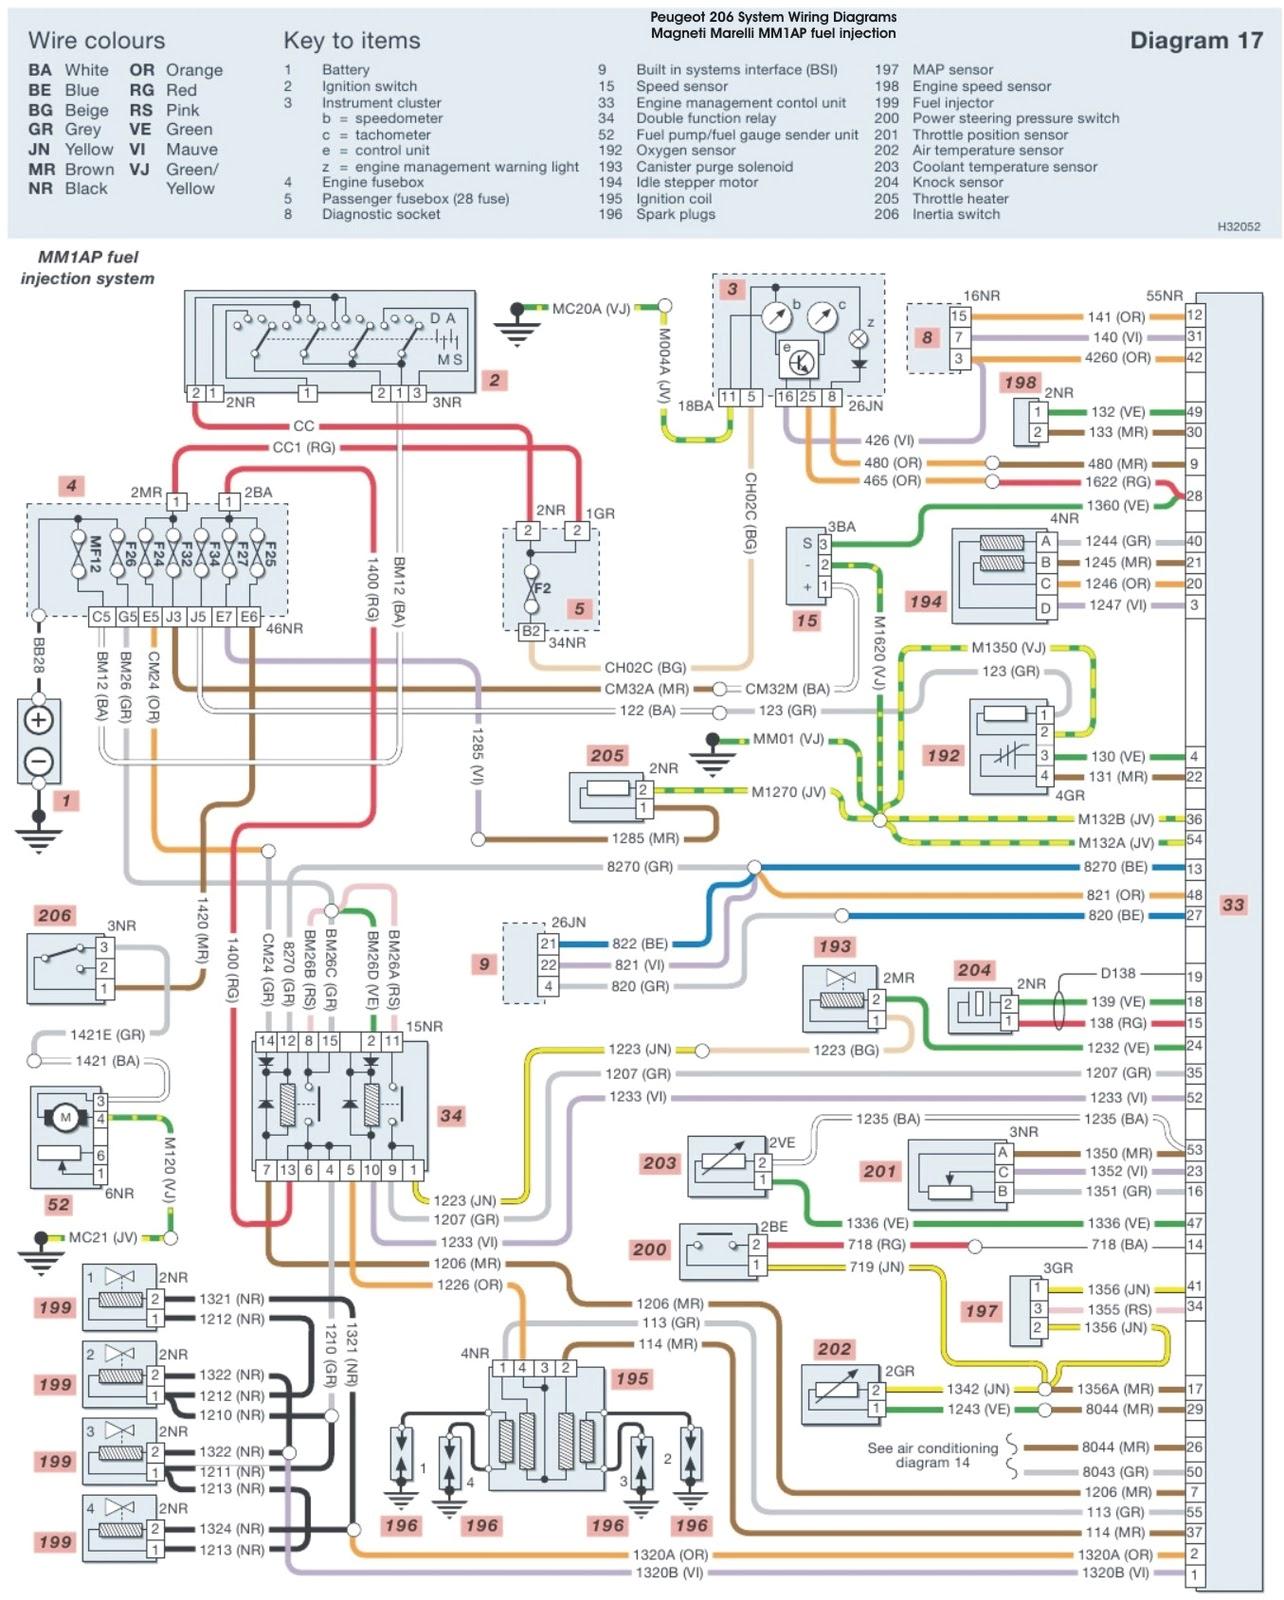 peugeot 305 wiring diagram wiring diagram basic peugeot 305 wiring diagram